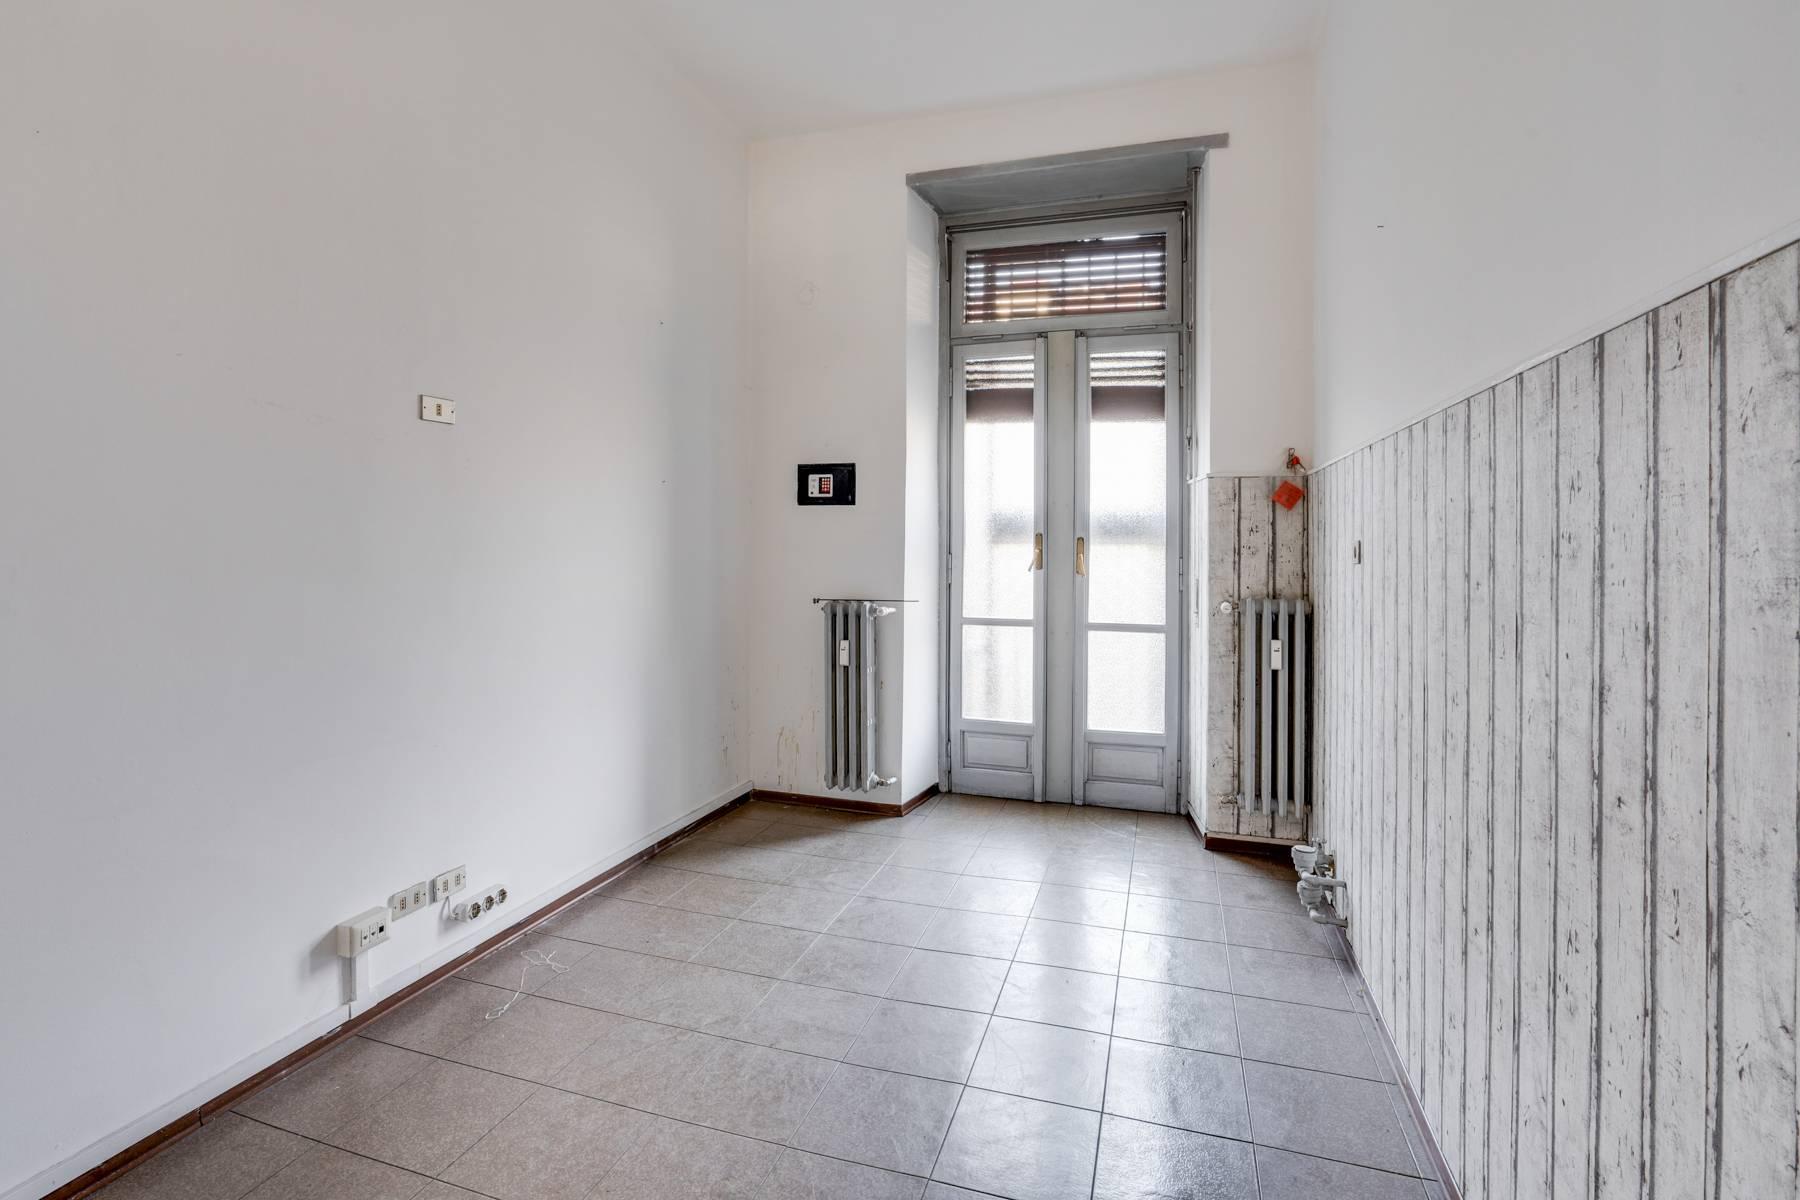 Ufficio-studio in Vendita a Torino: 3 locali, 140 mq - Foto 16